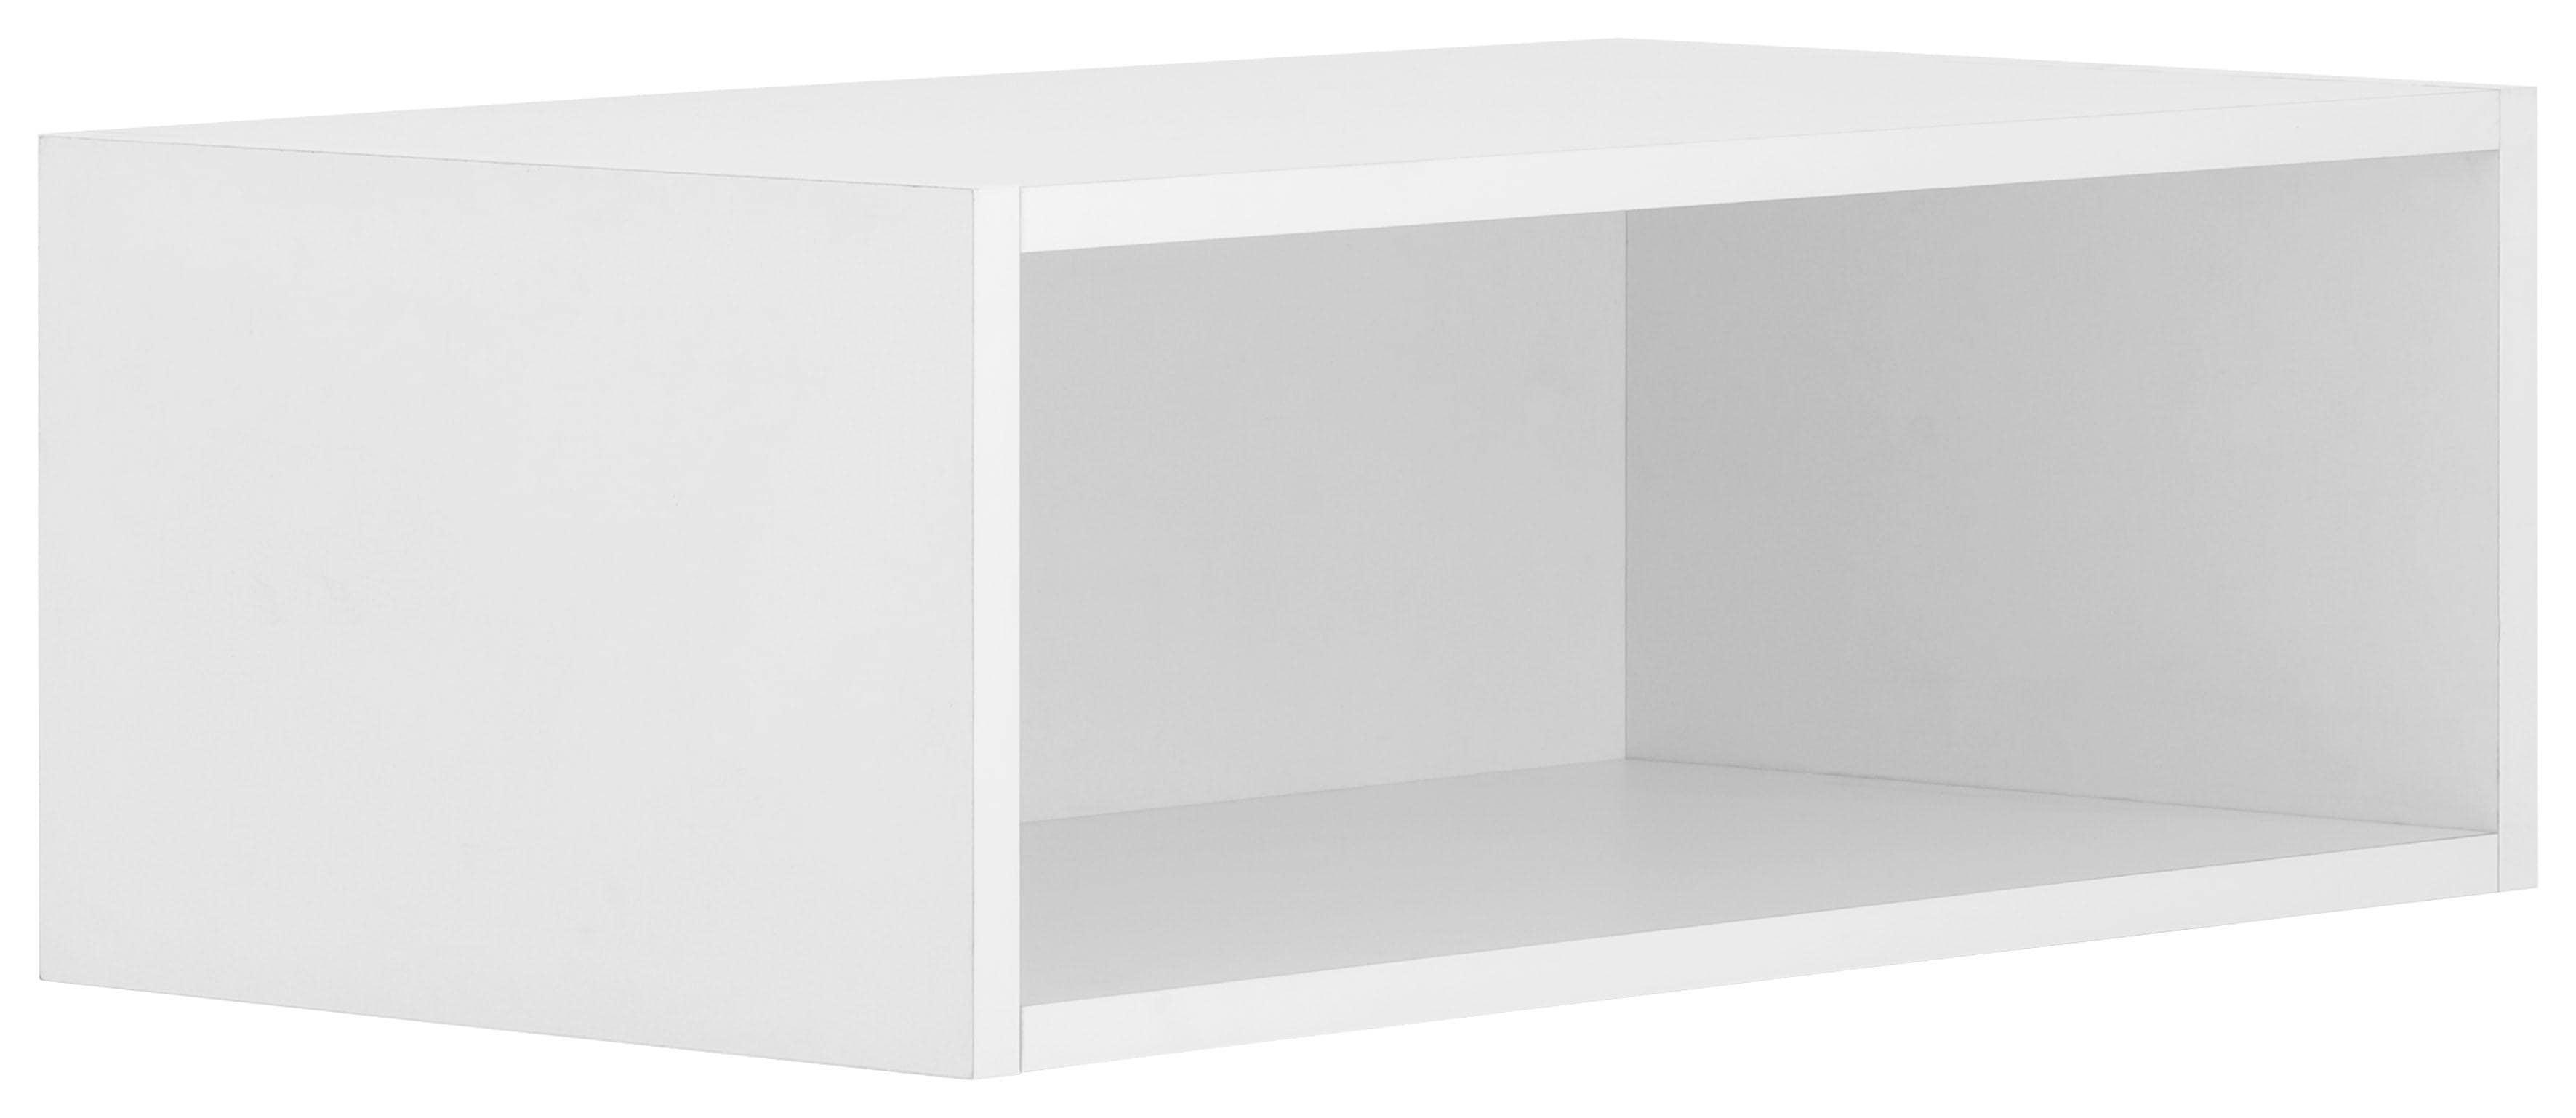 wiho Küchen Hängeregal Flexi2, Breite 60 cm weiß Hängeregale Wandregale Wandboards Regale